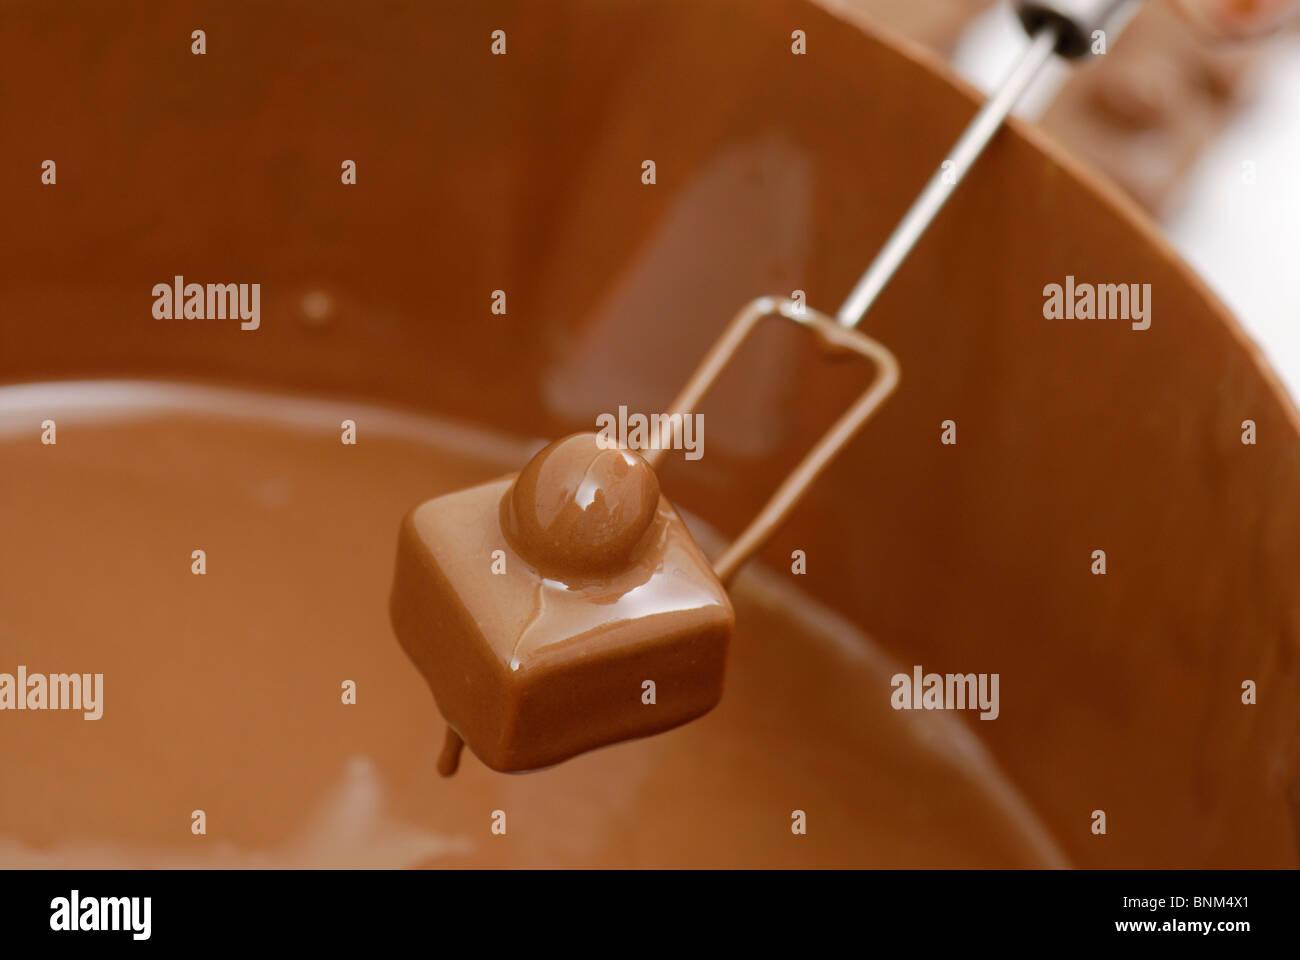 Pralinen Herstellung, leere wird in Schokolade getaucht. Stockbild